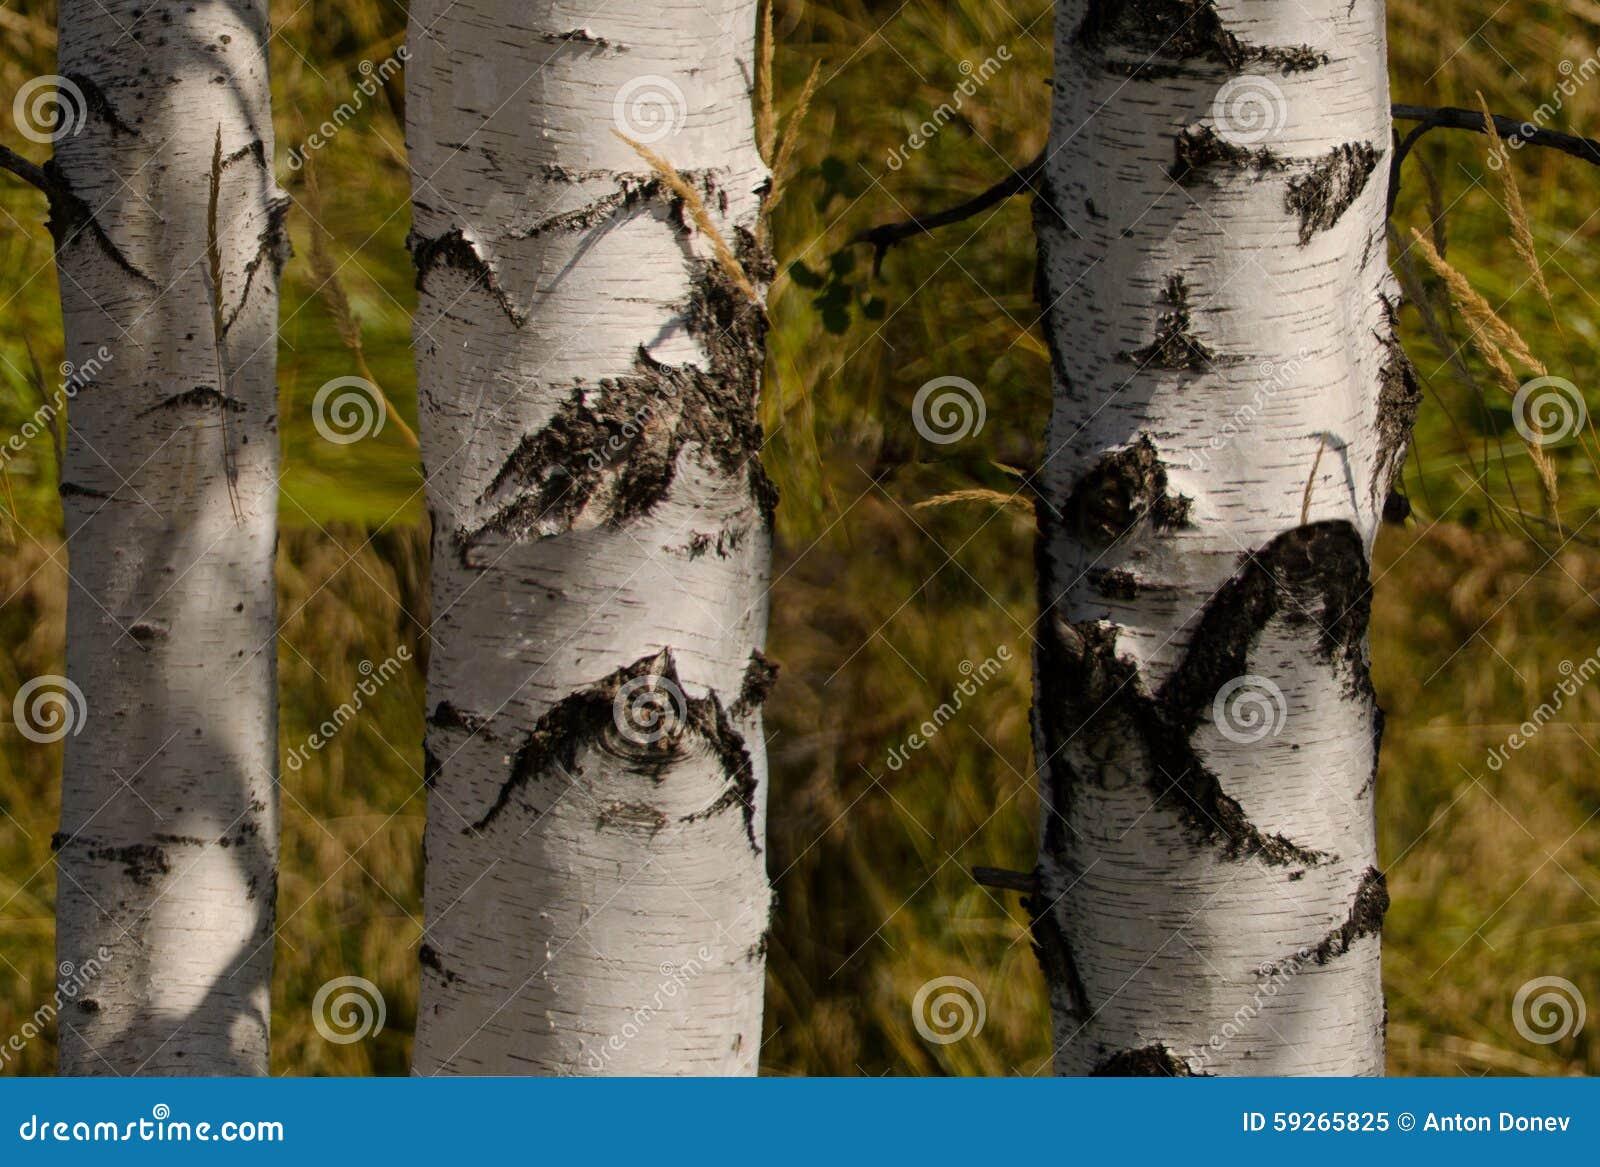 papier peint arbre bouleau. best arbre du bouleau serti de nichoirs